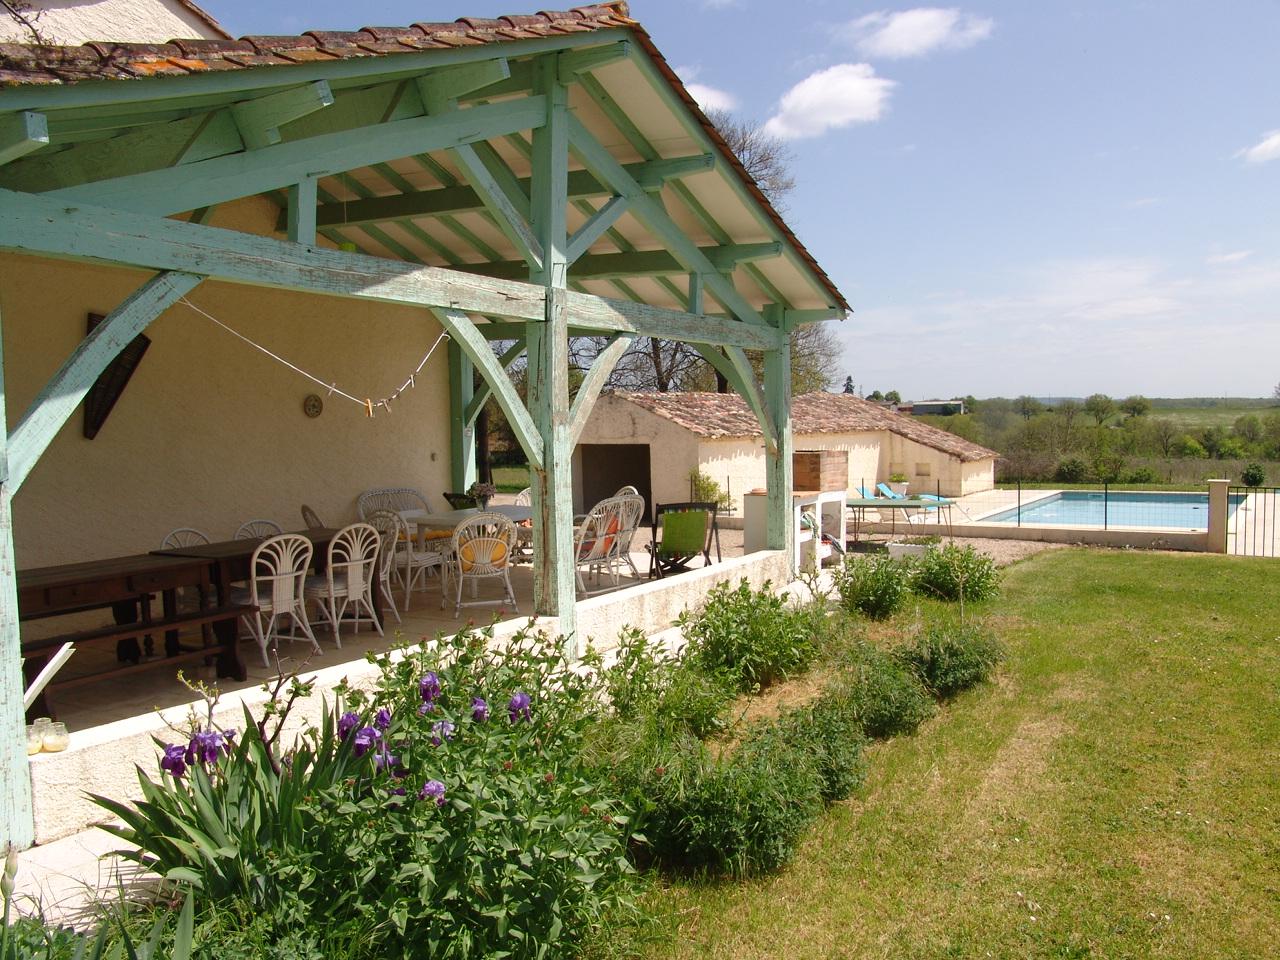 Vakantiehuis f dor 0018 6 8 personen st leon d 39 issigneac - Buiten villa outs ...